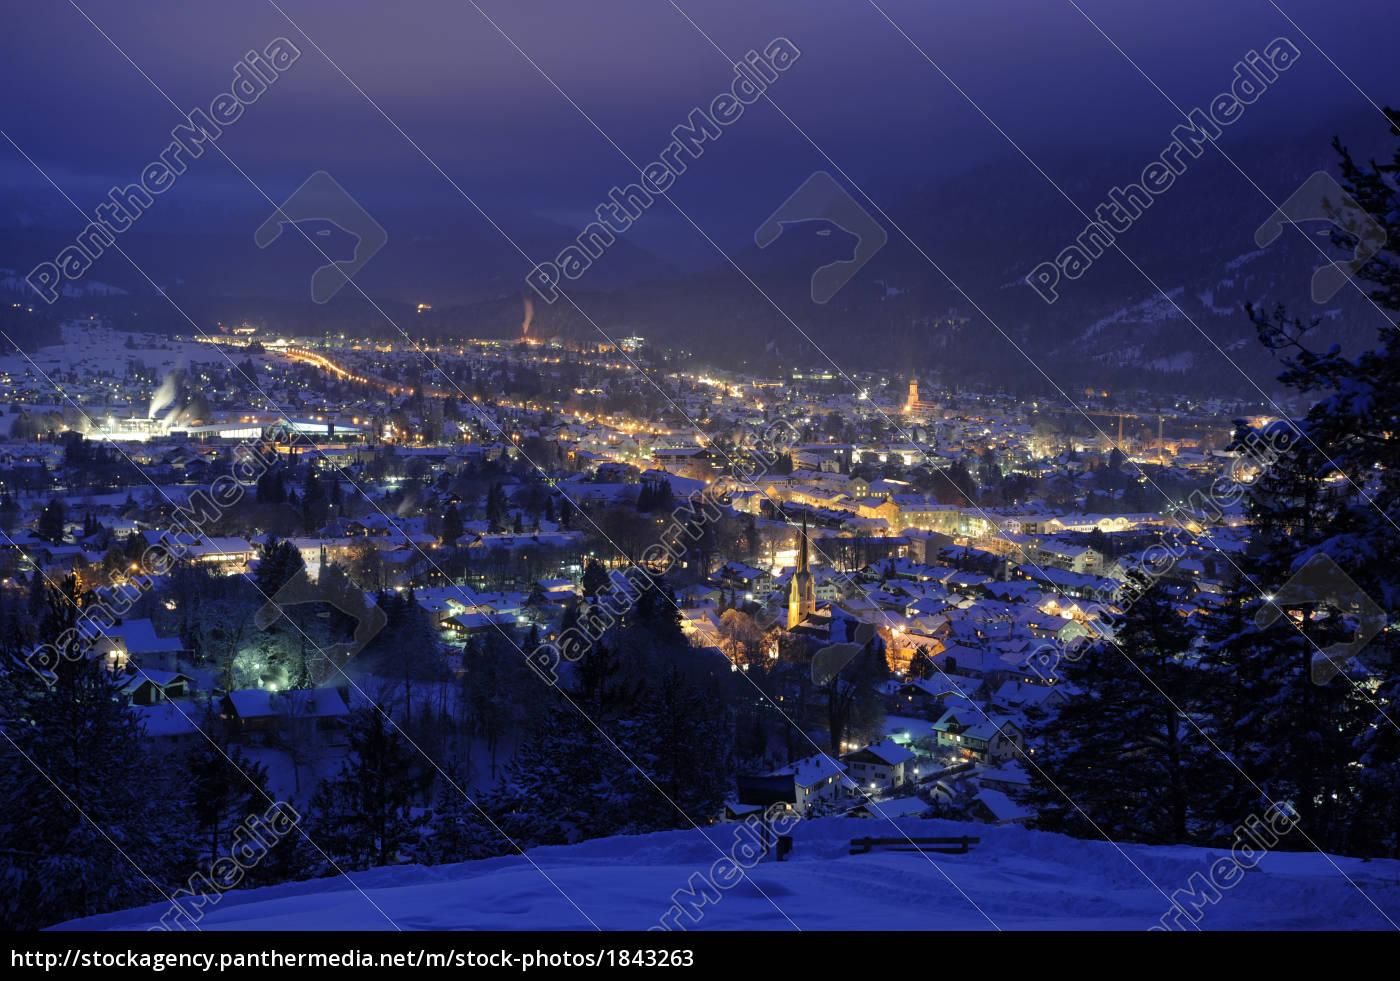 stadt, garmisch-partenkirchen, bei, nacht - 1843263